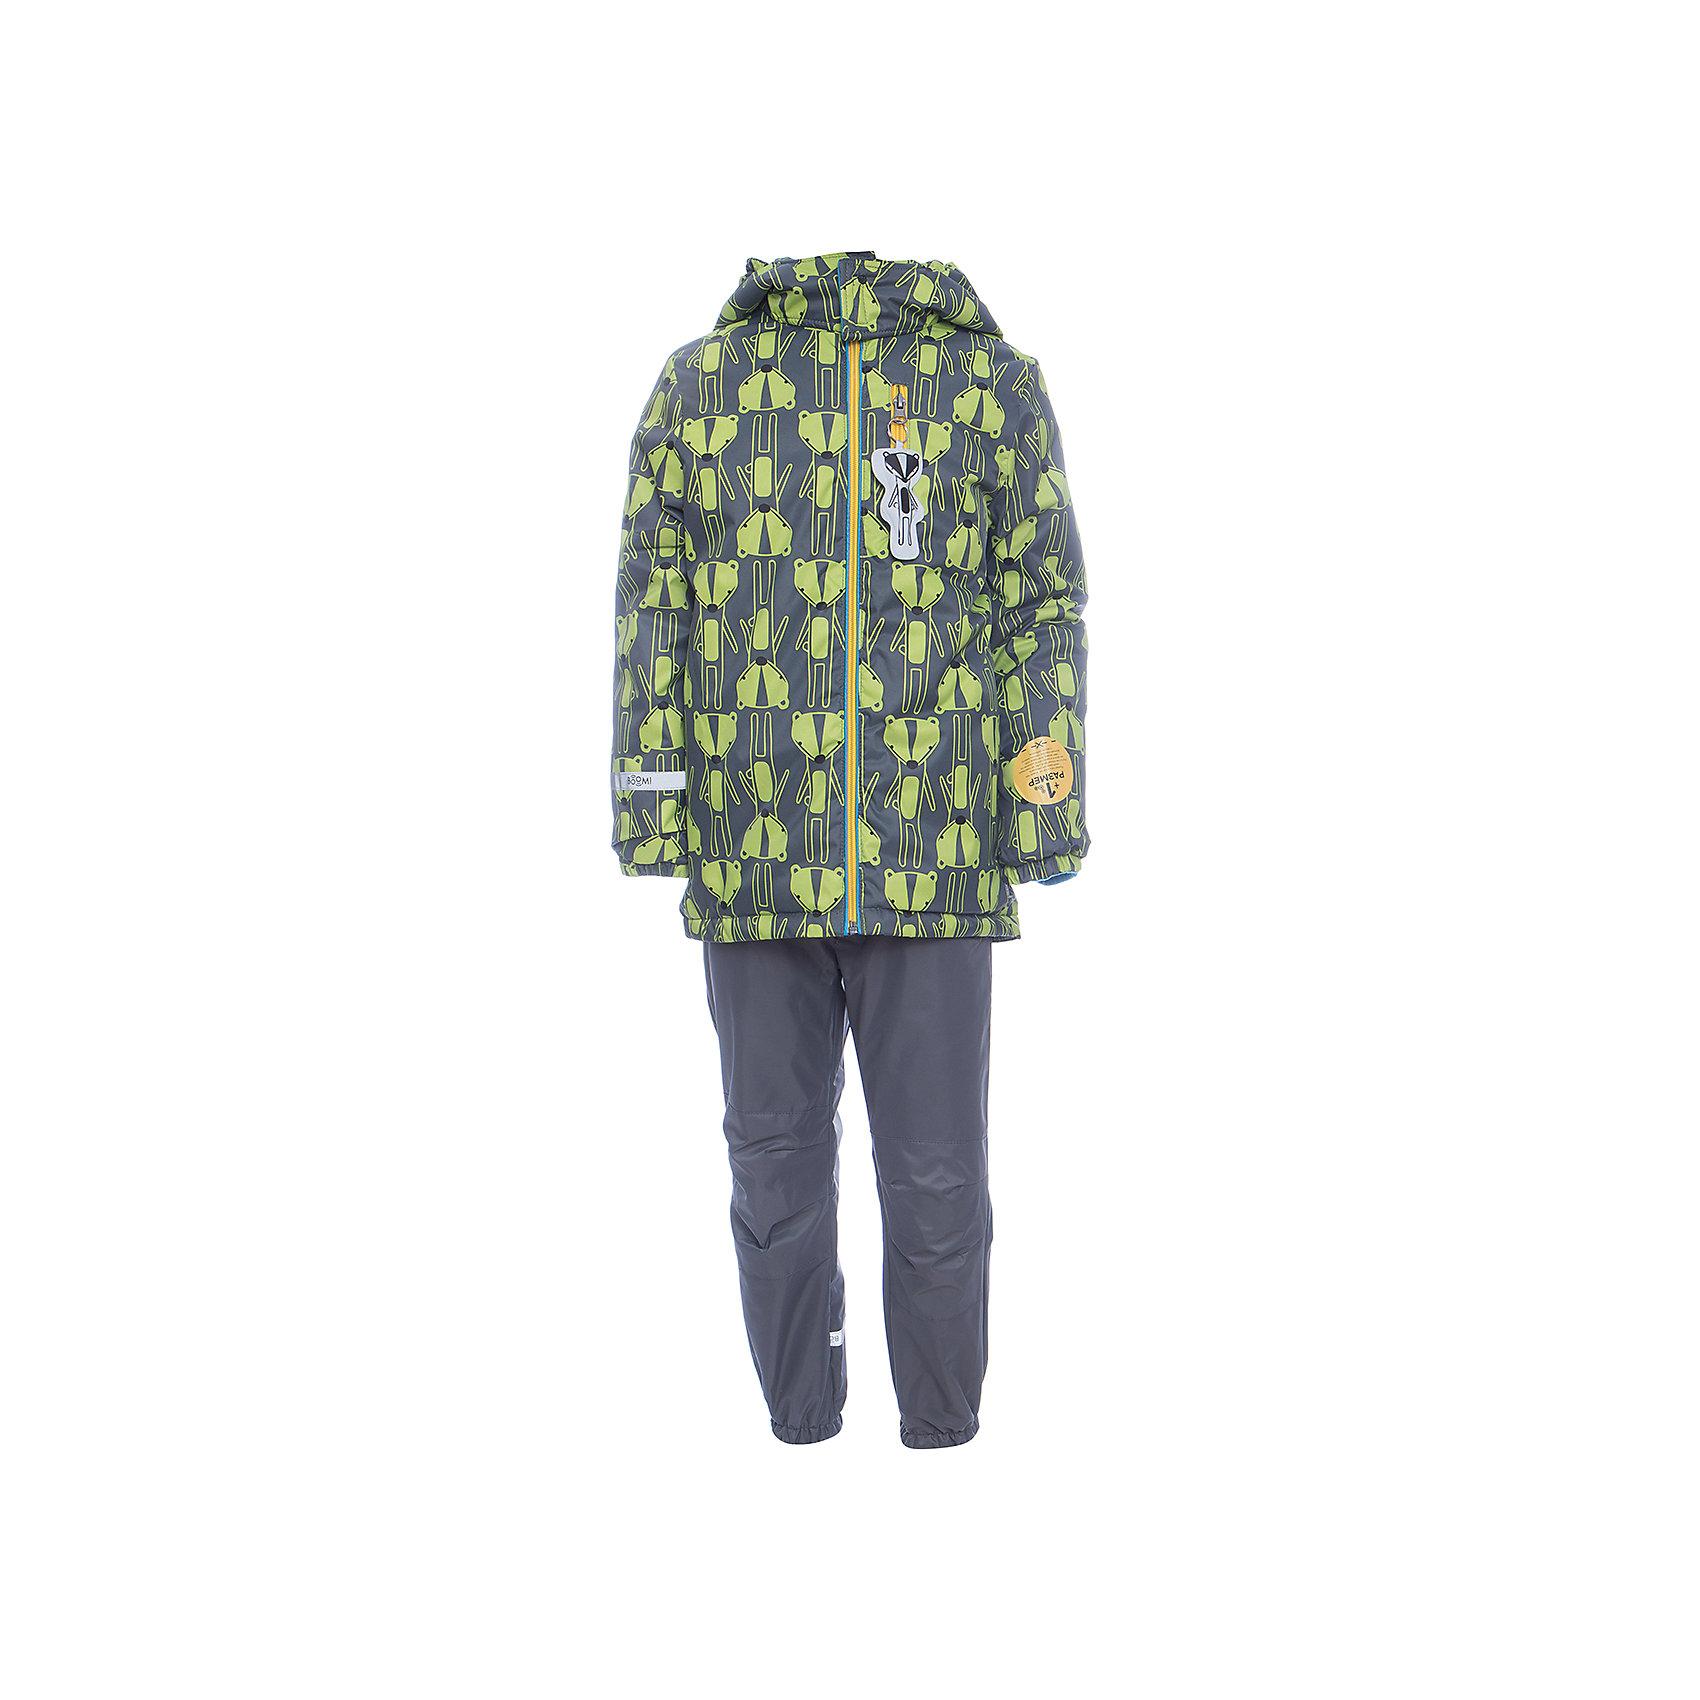 Комплект: куртка и брюки BOOM by Orby для мальчикаВерхняя одежда<br>Характеристики товара:<br><br>• цвет: серый<br>• ткань верха: Нейлон с мембранным покрытием 3000х3000<br>• подкладка: куртка - Поларфлис; ПЭ пуходержащий, брюки - Поларфлис<br>• утеплитель: куртка - Flexy Fiber 150 г/м2<br>• сезон: демисезон<br>• температурный режим: от +10°до -5°С<br>• особенности куртки: на молнии, со светоотражающими элементами<br>• особенности брюк: на резинке<br>• капюшон: без меха<br>• страна бренда: Россия<br>• страна изготовитель: Россия<br><br>Мембранный детский комплект - куртка и брюки - защитит ребенка от сырости в дождливую погоду и согреют в небольшой мороз. Удобный и модный комплект для мальчика позволит обеспечить ребенку комфорт в демисезон. <br><br>Комплект: куртка и брюки BOOM by Orby для мальчика можно купить в нашем интернет-магазине.<br><br>Ширина мм: 356<br>Глубина мм: 10<br>Высота мм: 245<br>Вес г: 519<br>Цвет: серый<br>Возраст от месяцев: 72<br>Возраст до месяцев: 84<br>Пол: Мужской<br>Возраст: Детский<br>Размер: 122,104,86,92,98,110,116<br>SKU: 7007358